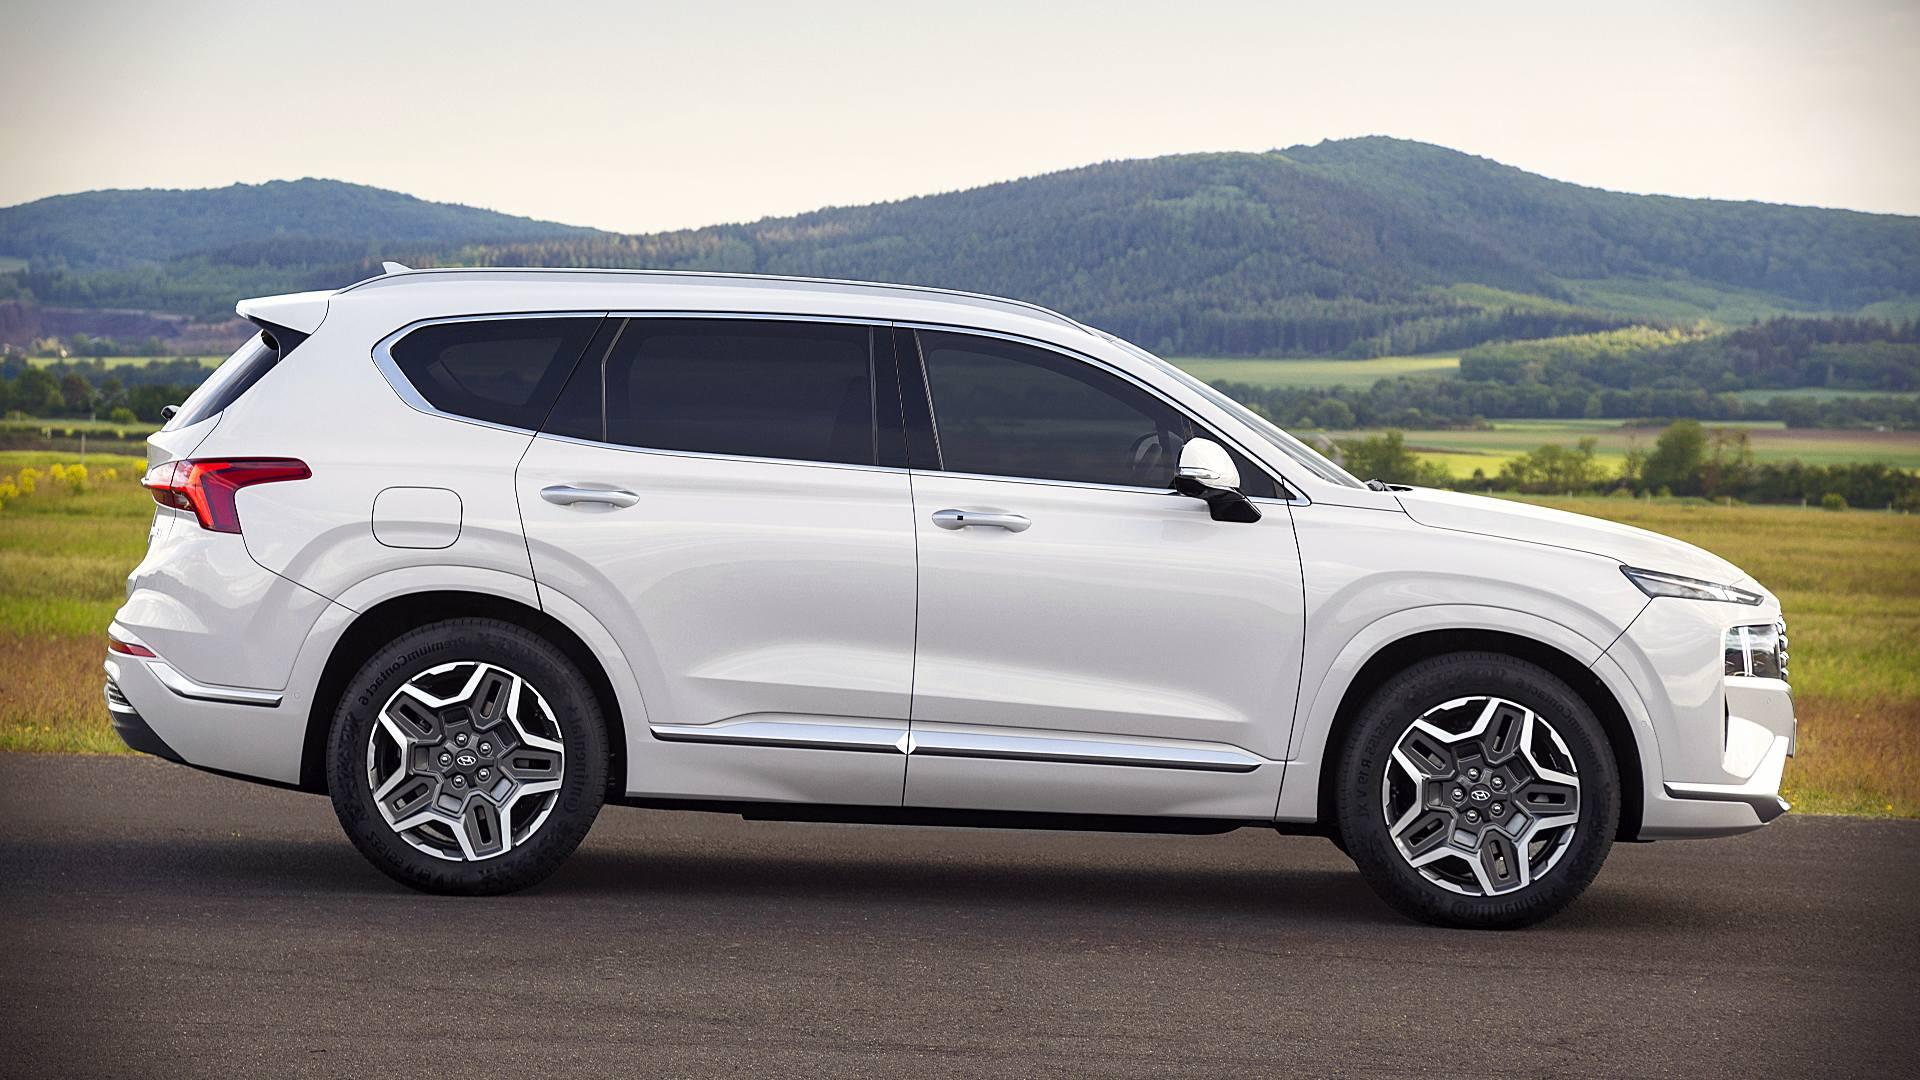 2021 Hyundai Santa Fe Hybrid Images